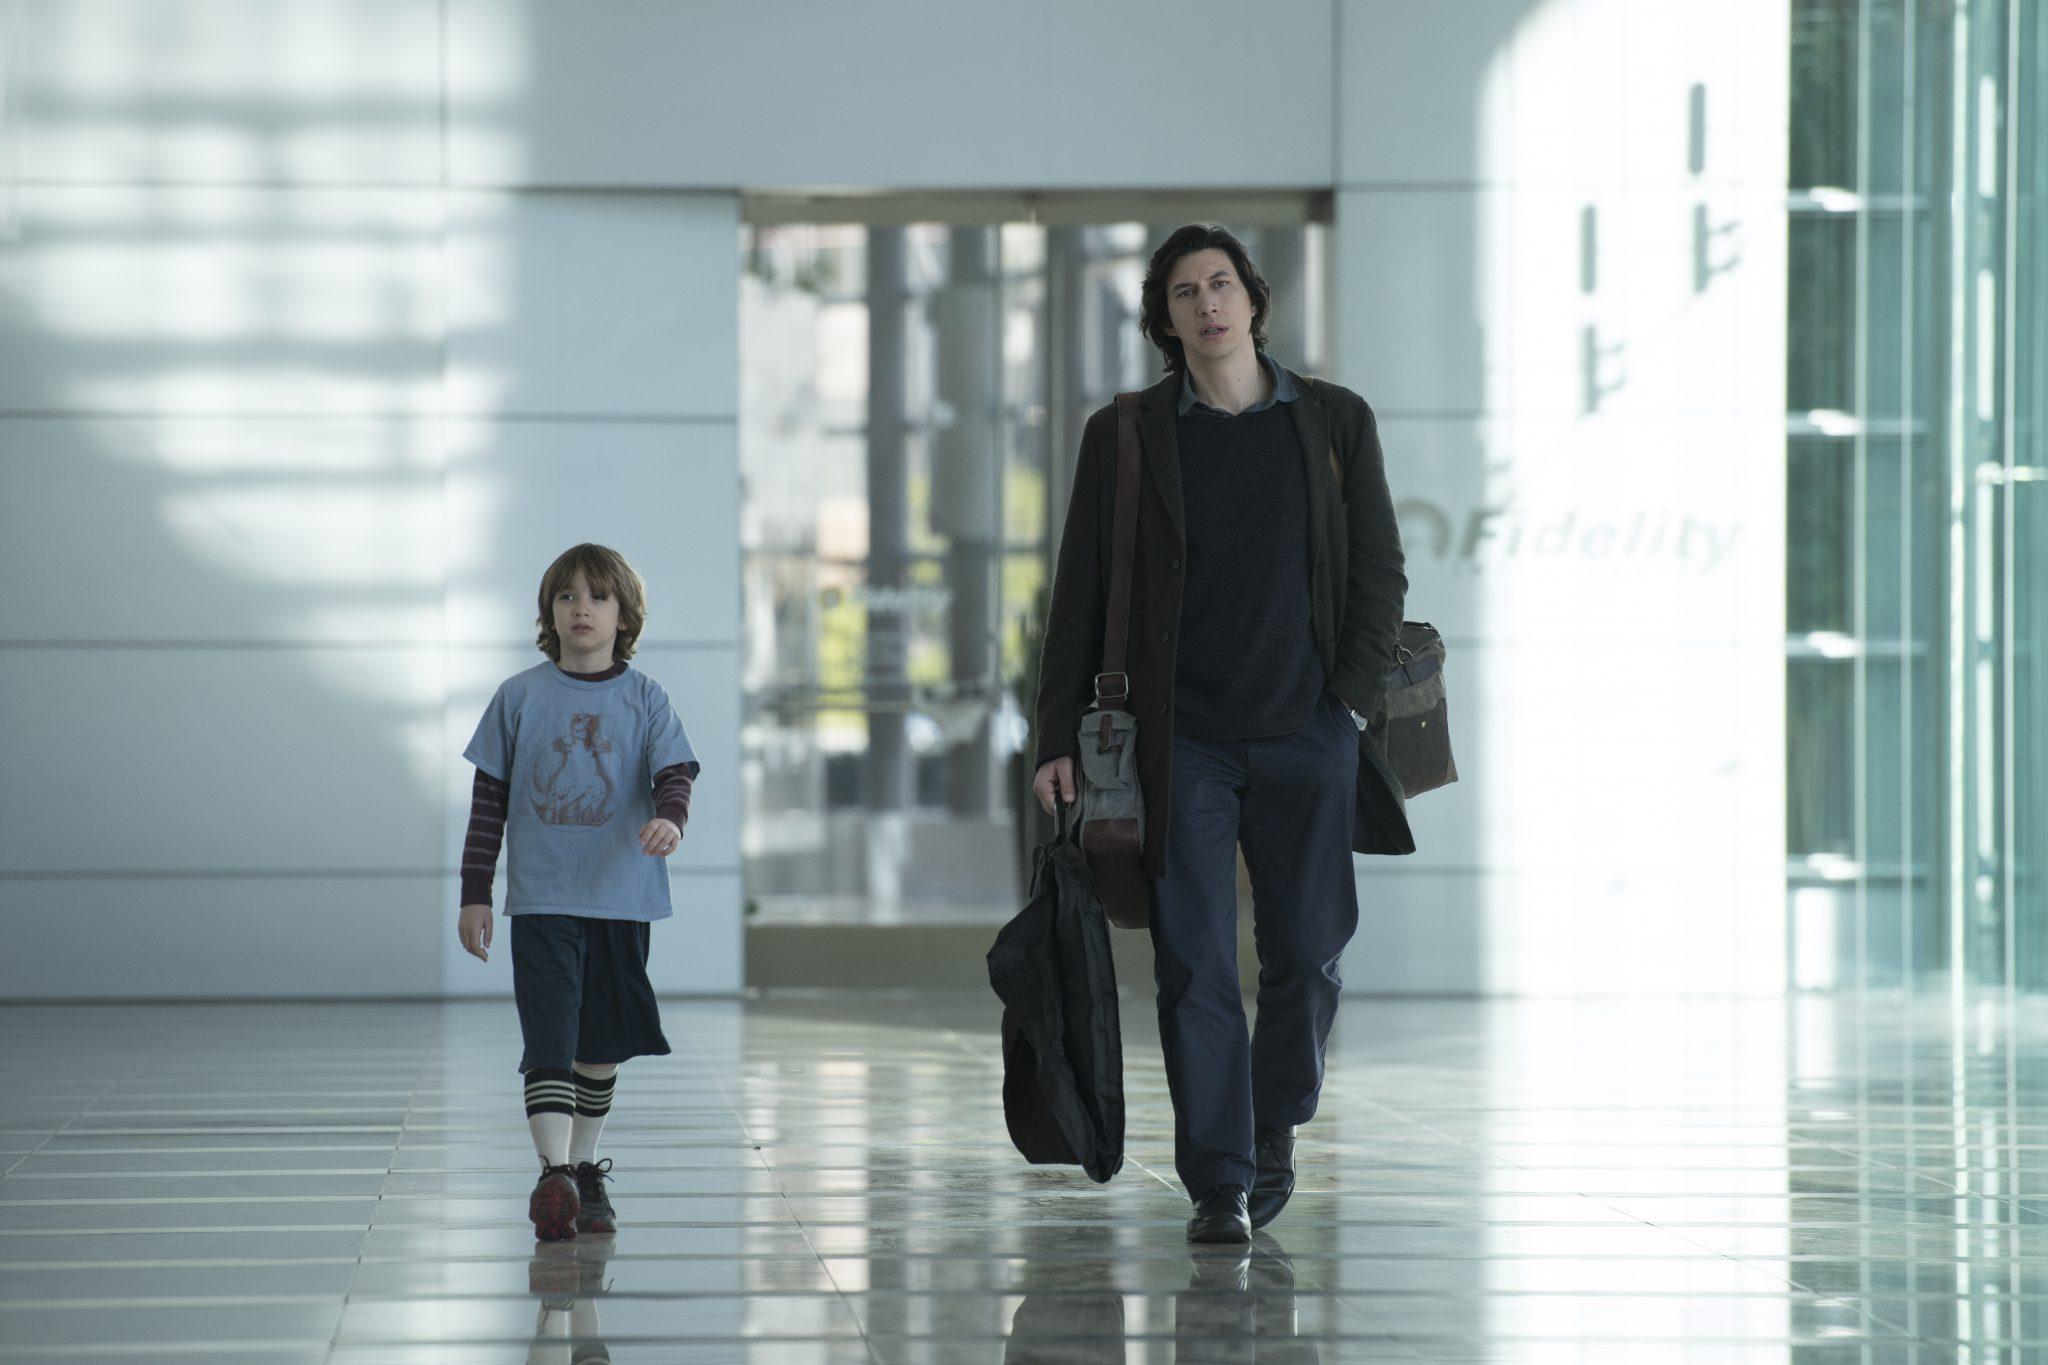 Azhy Robertson als Sohn Henry und Adam Driver als Charlie laufen in Richtung des Zuschauers und wirken dabei abgelenkt.